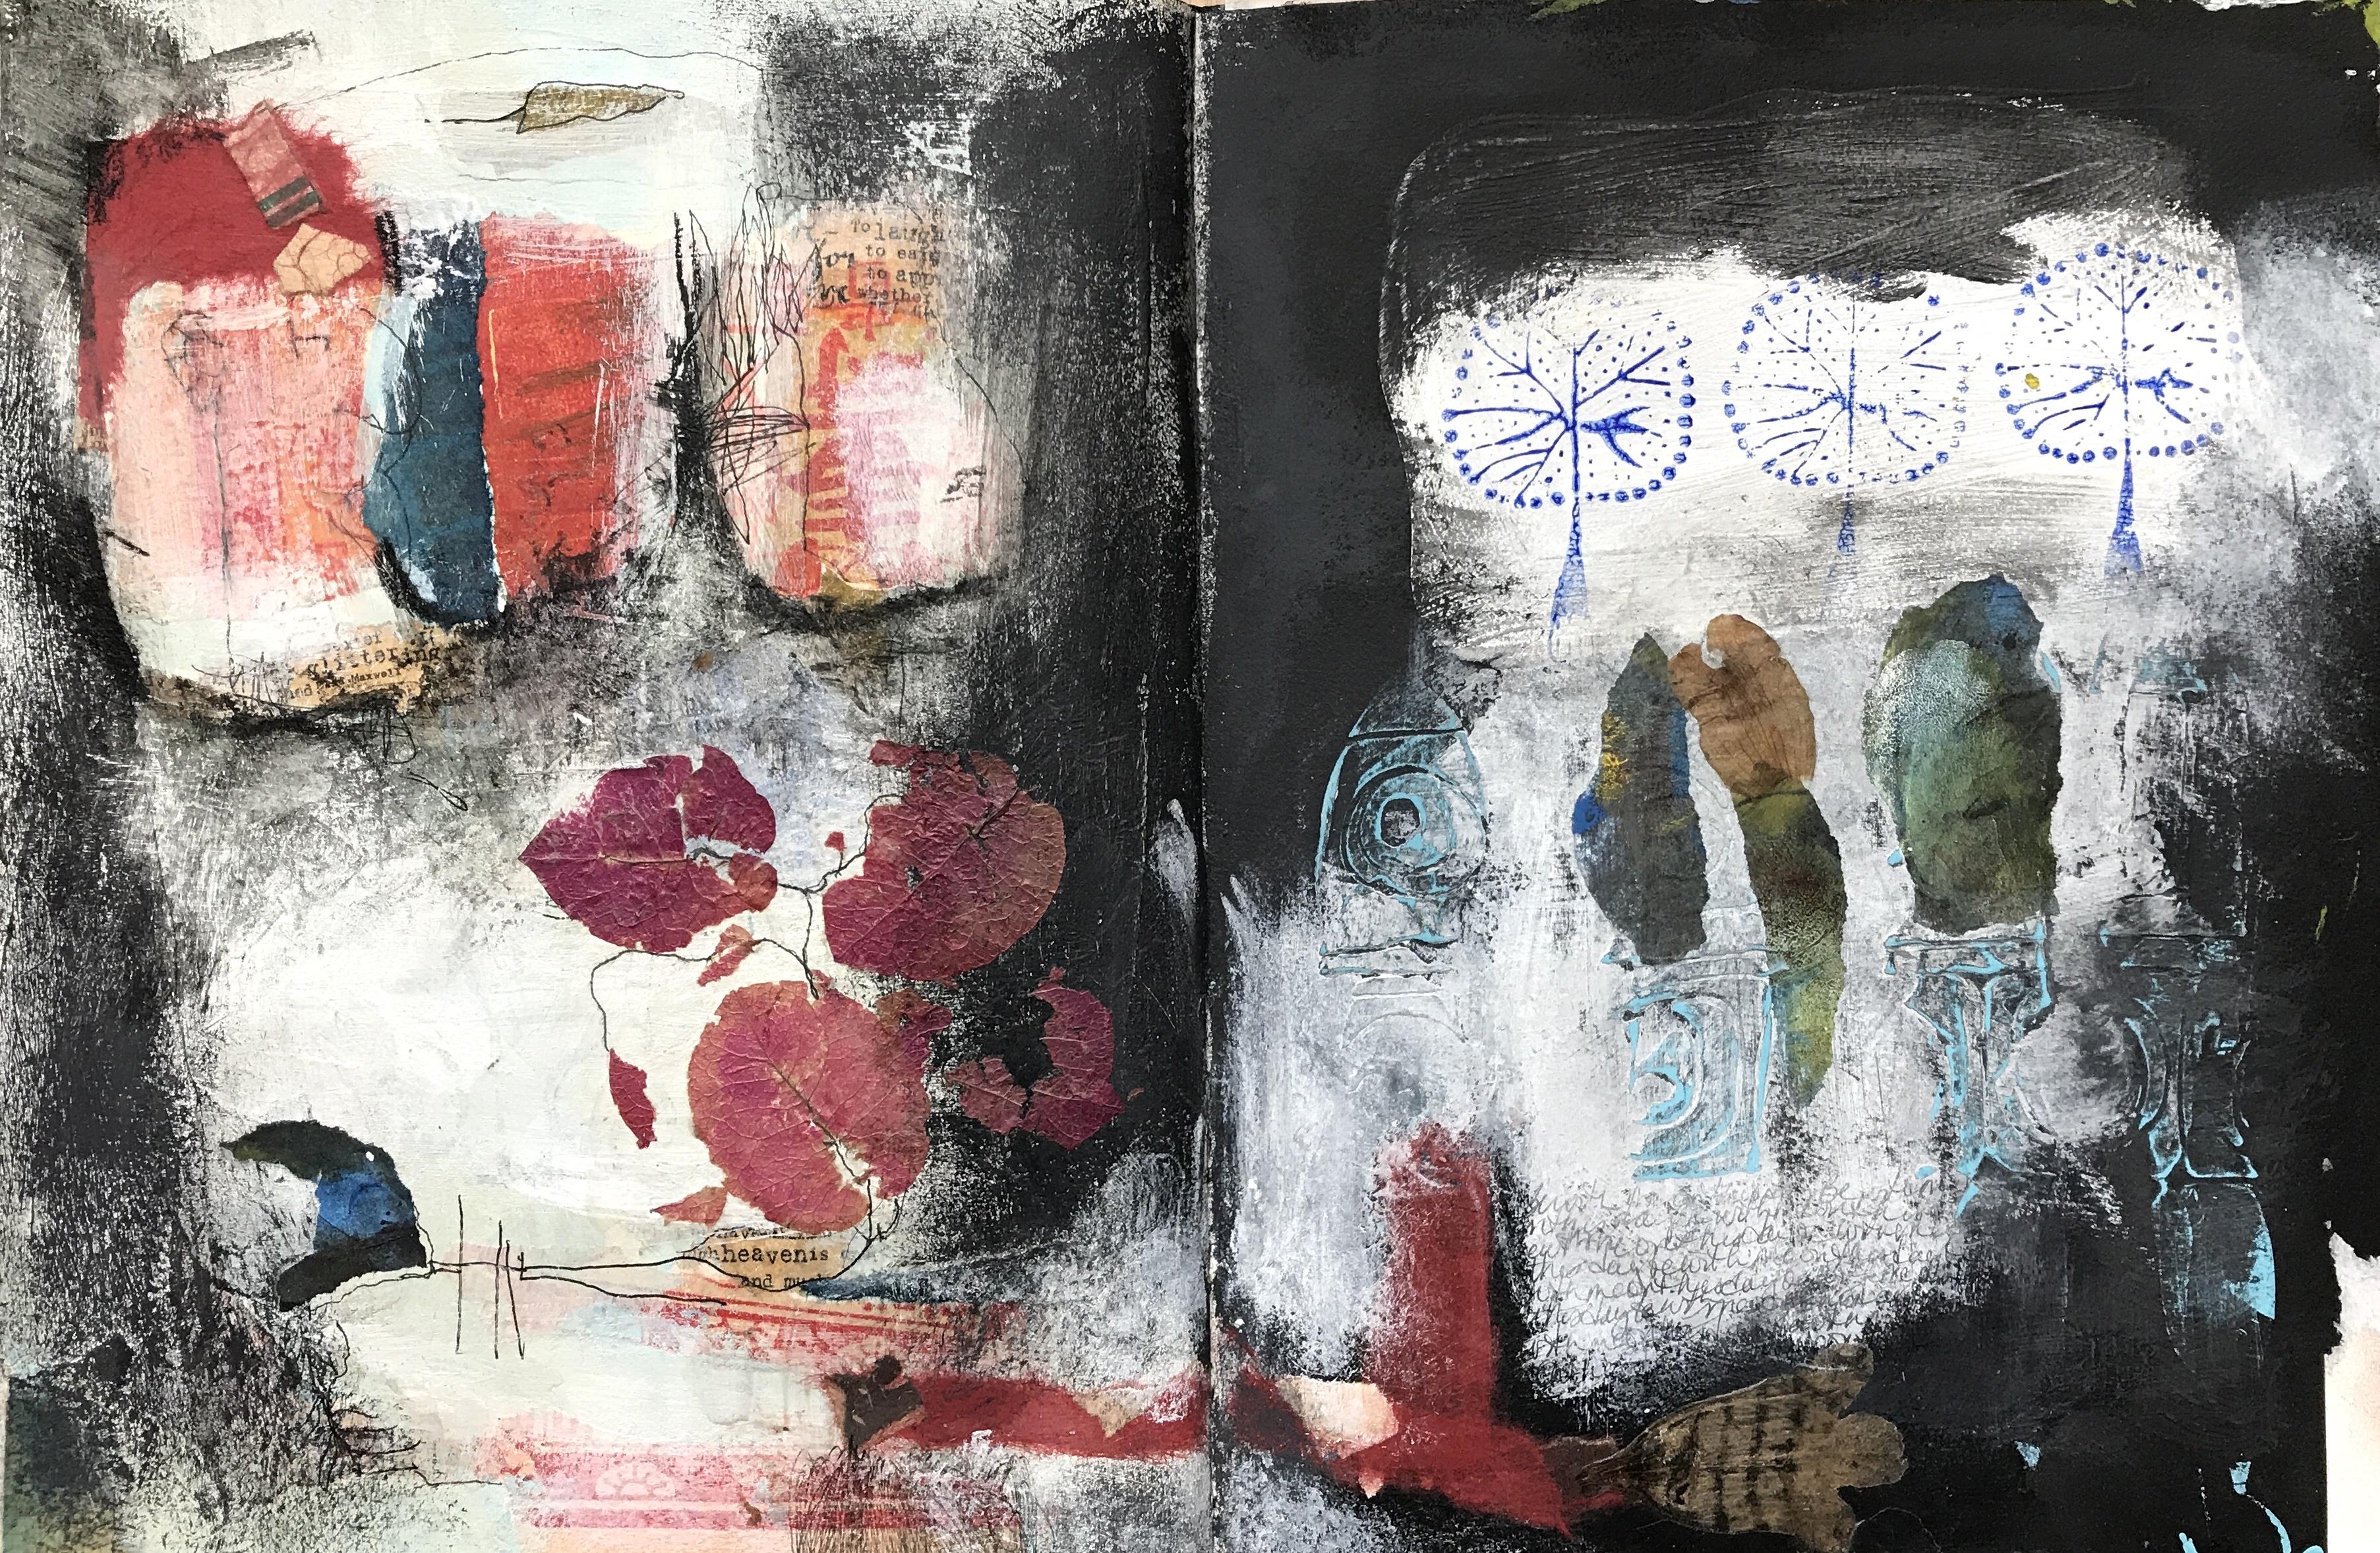 Susie Zolghadri New Perspectives